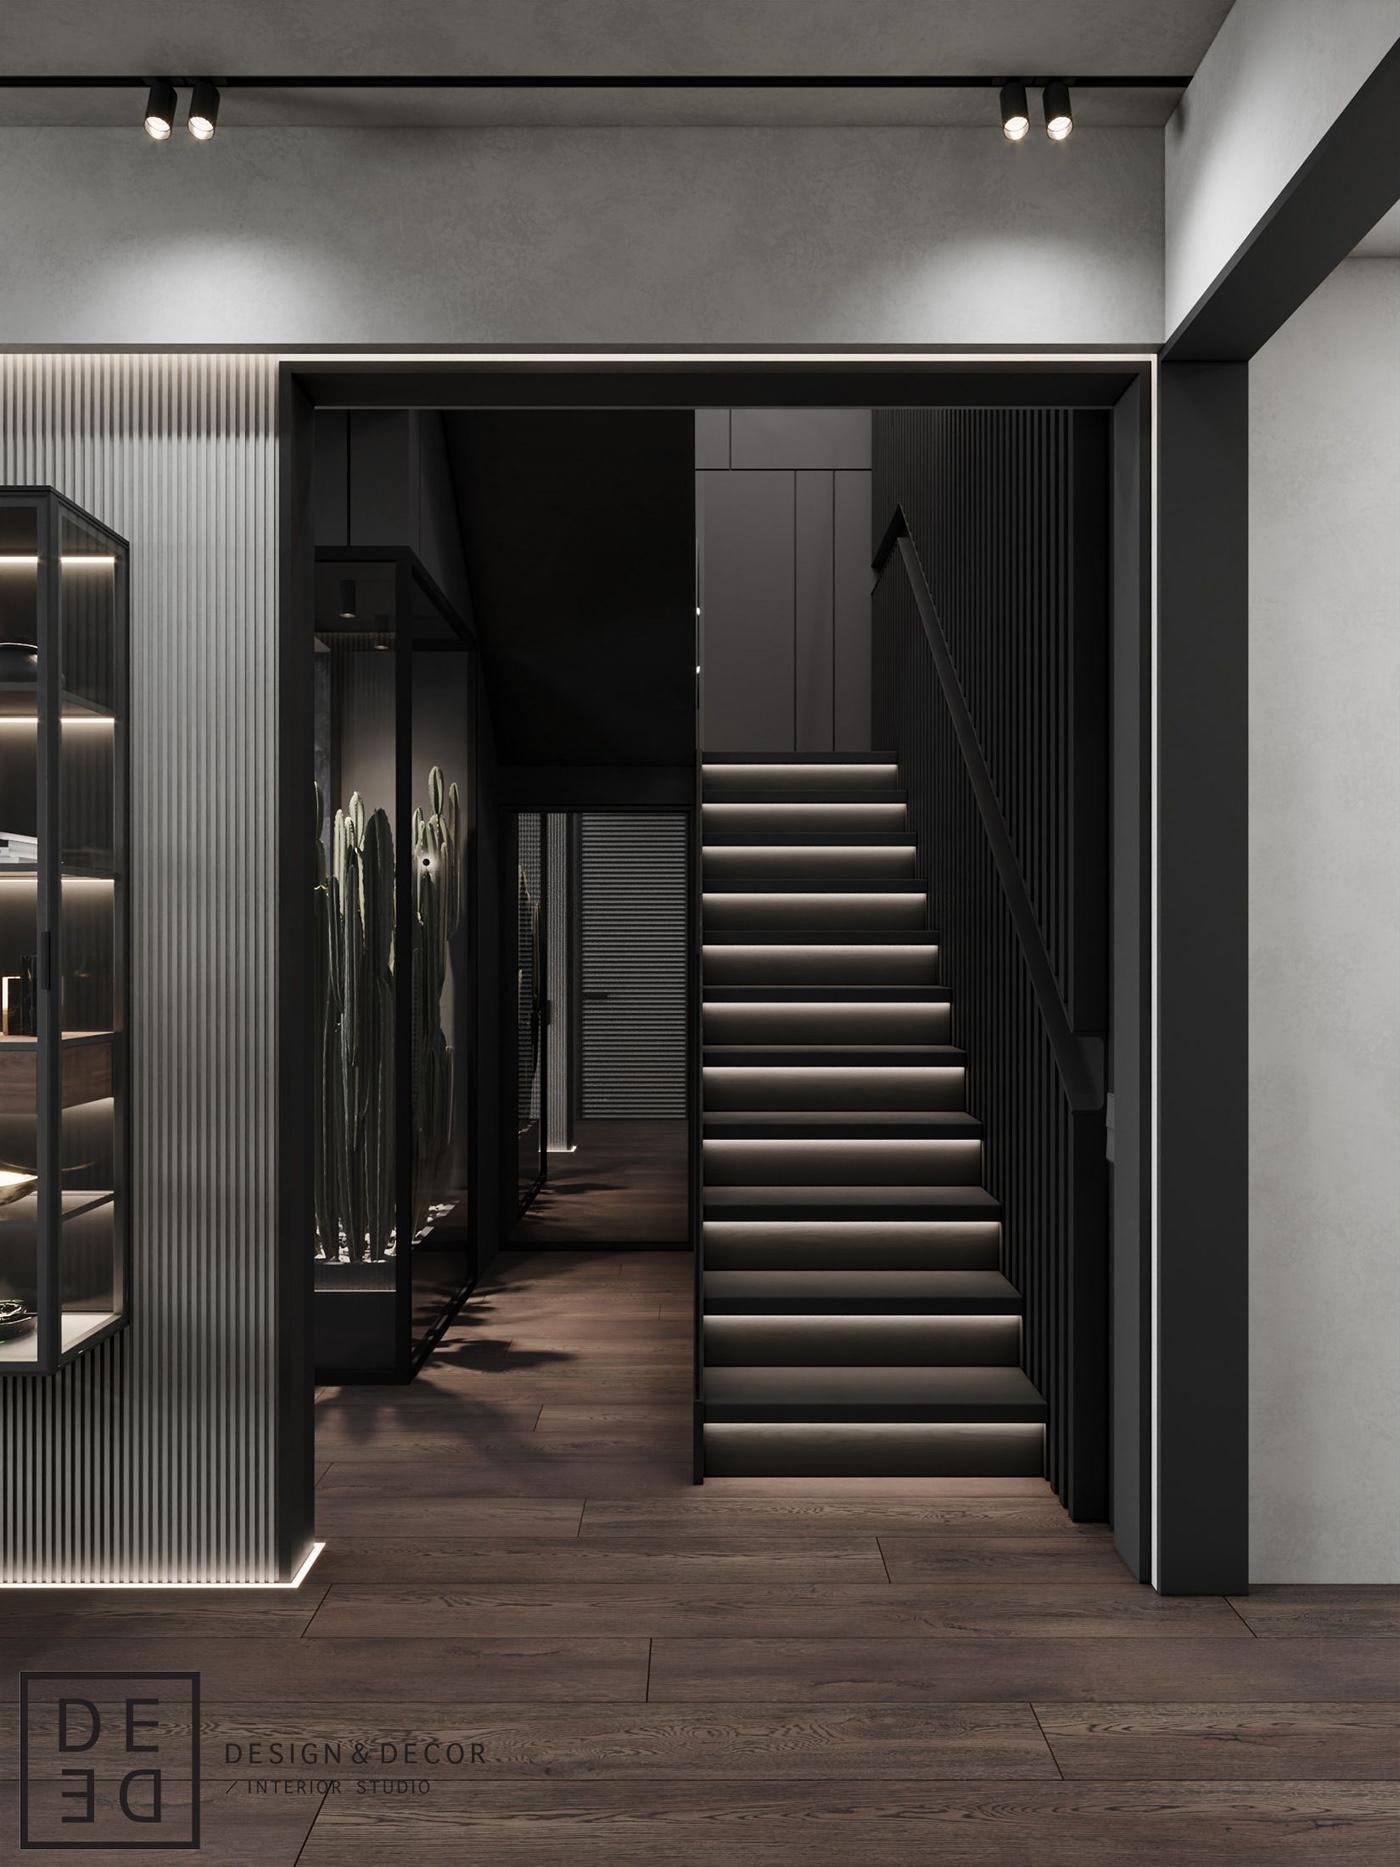 architecture architecture design corona render  DE&DE Interior Studio design Interior interiordesign LOFT Minimalism monochrome